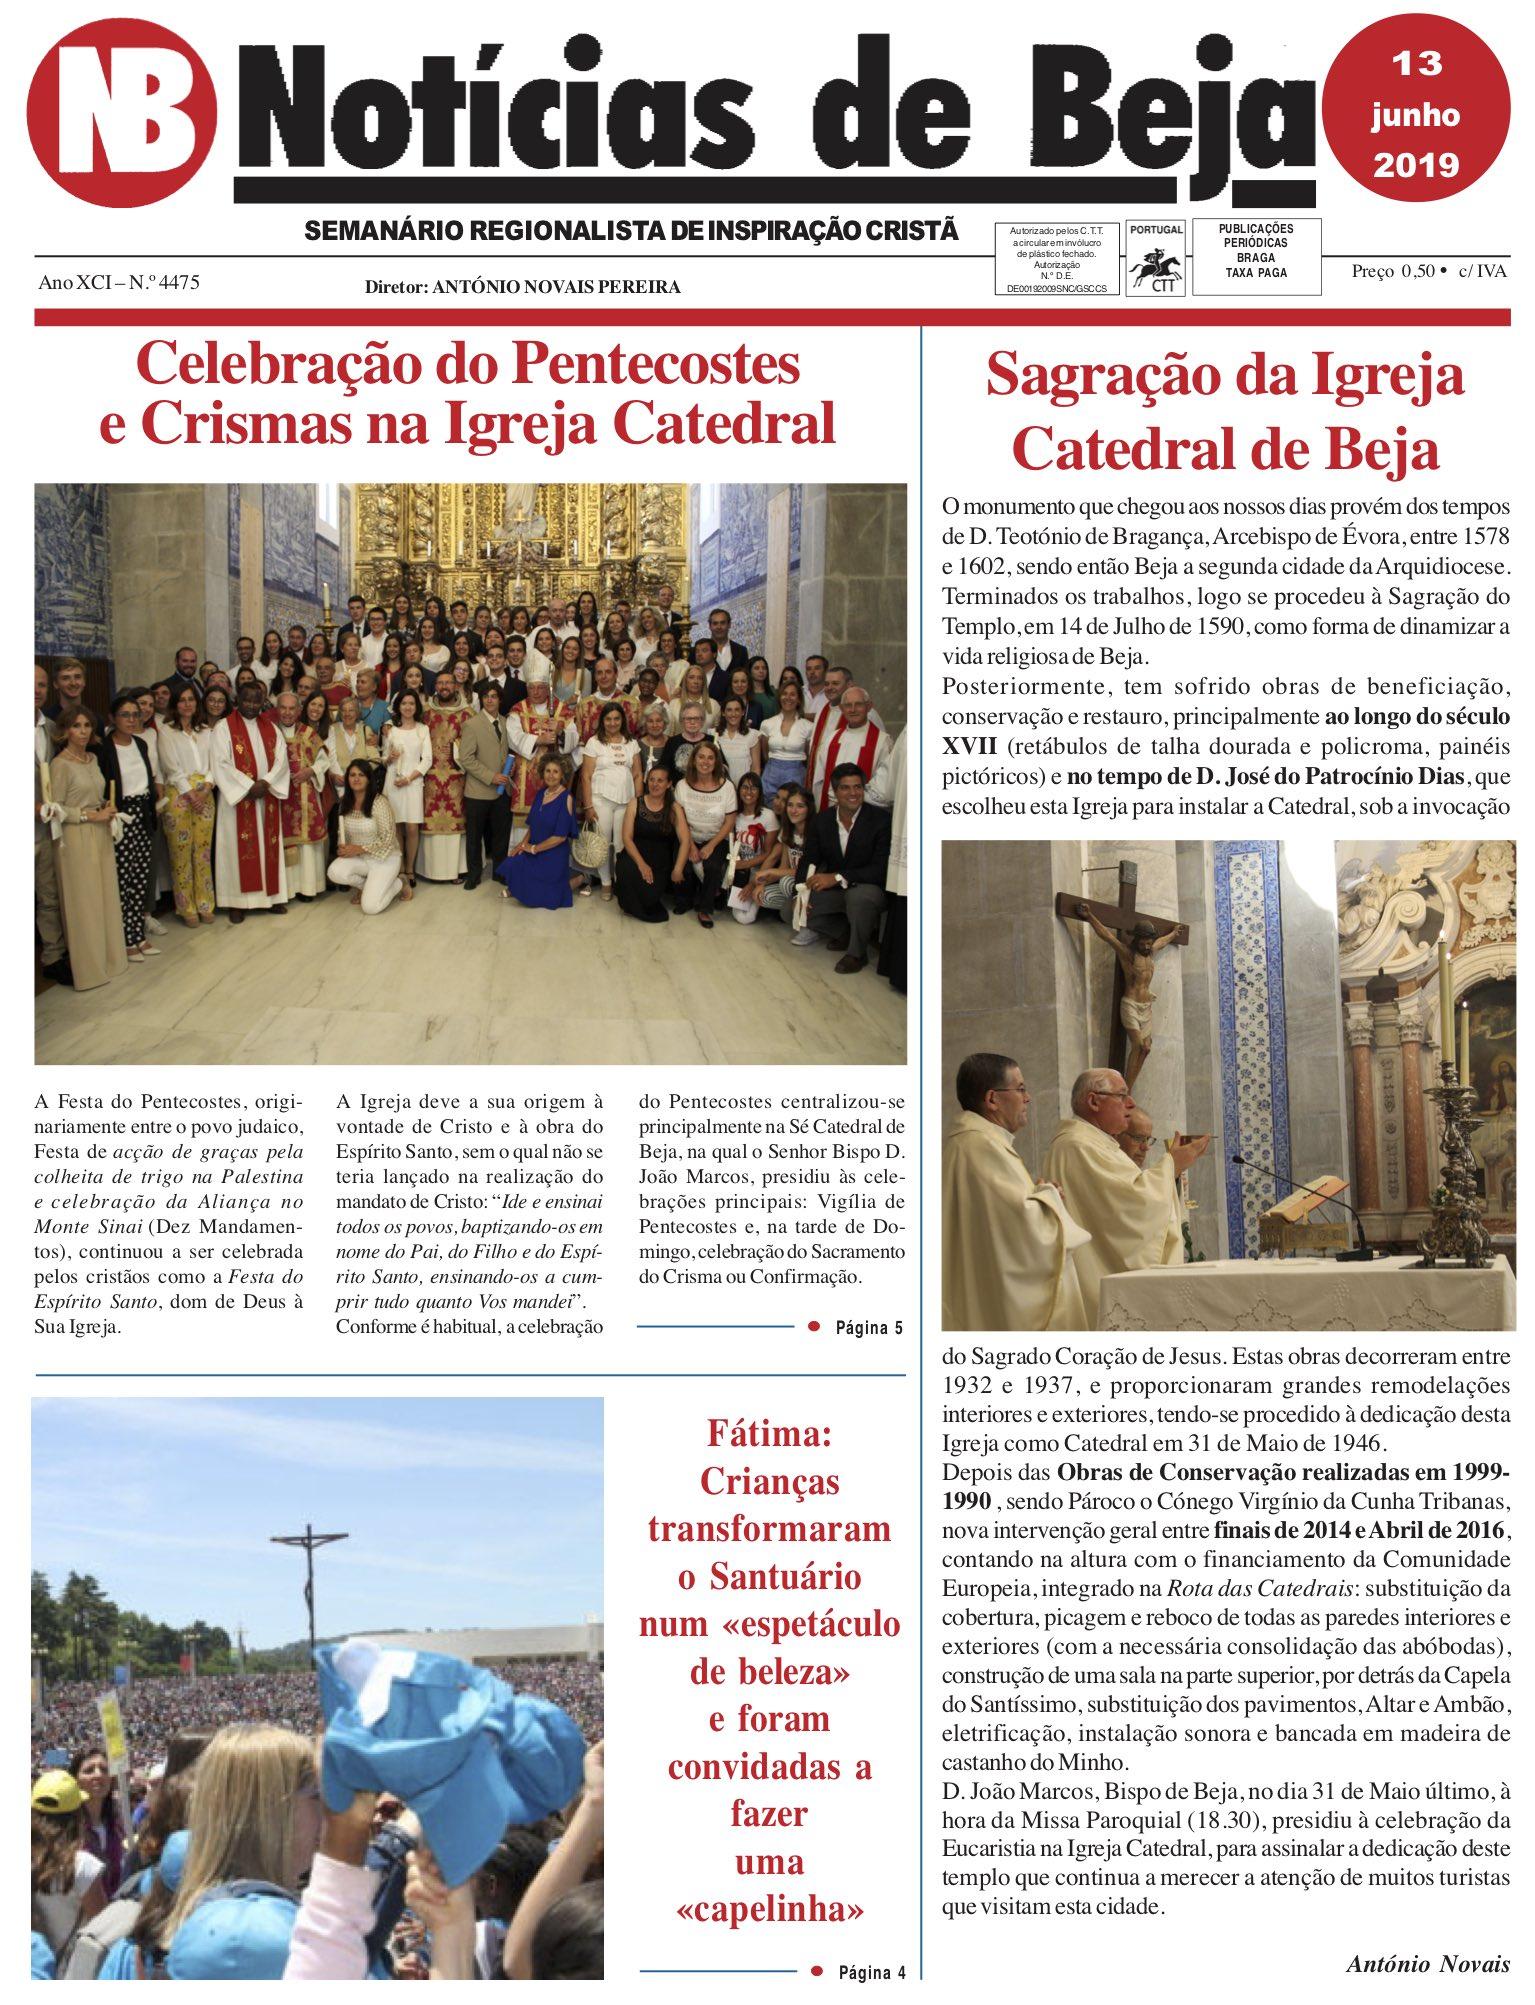 Jornal Notícias de Beja de 13 de Junho de 2019